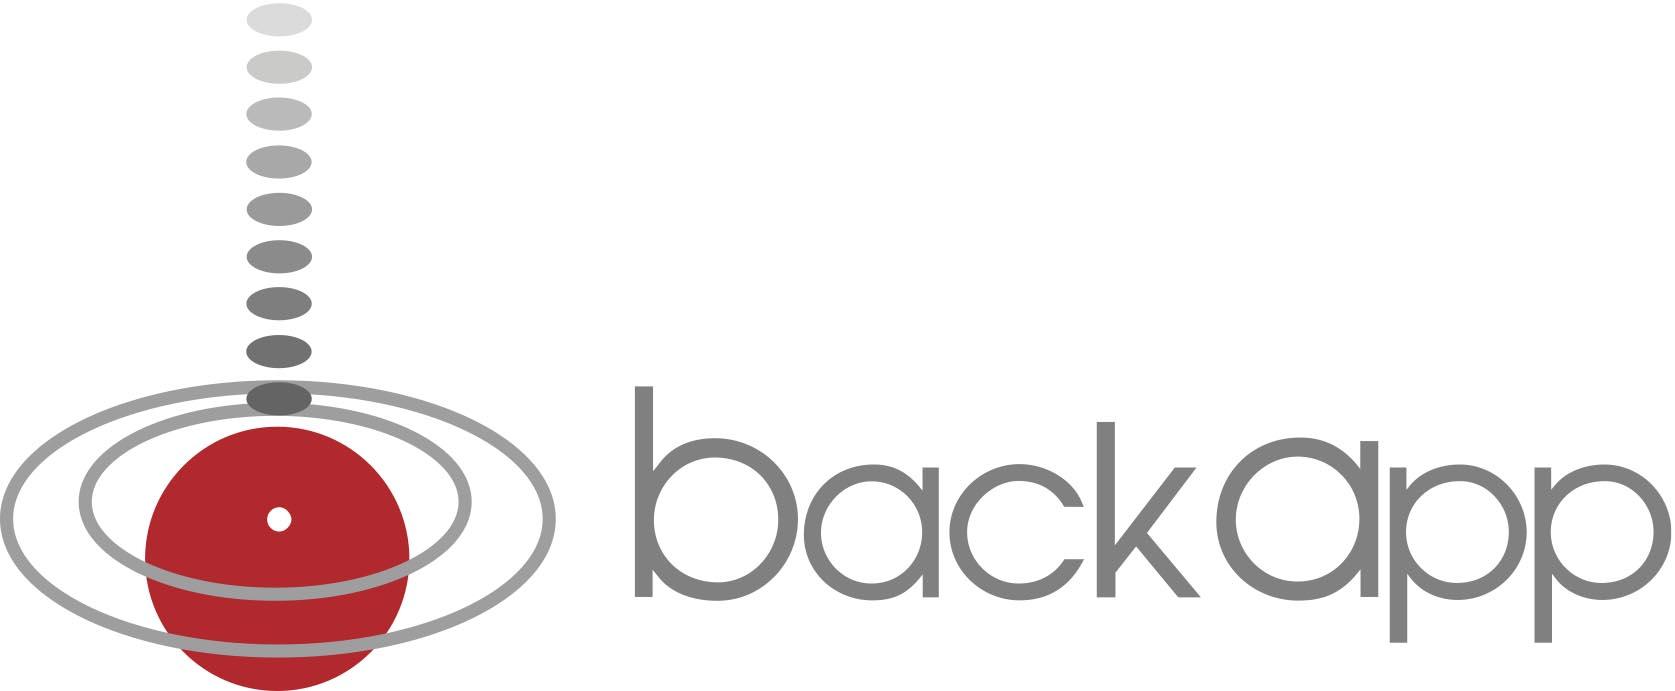 back-app-logo.jpg